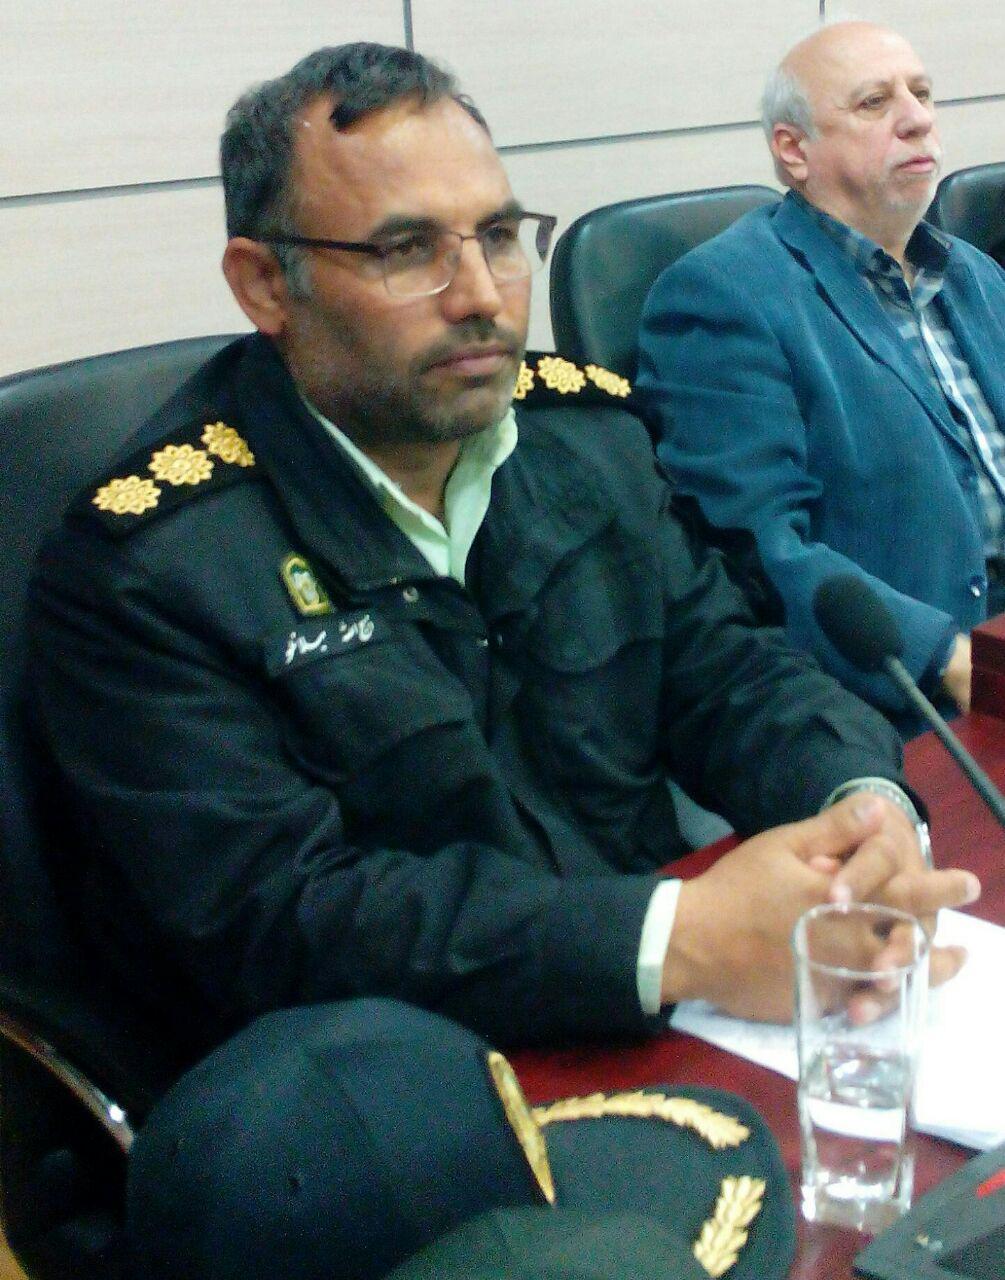 حضور پلیس انتظامی در جاده های شهرستان مشهد مقدس